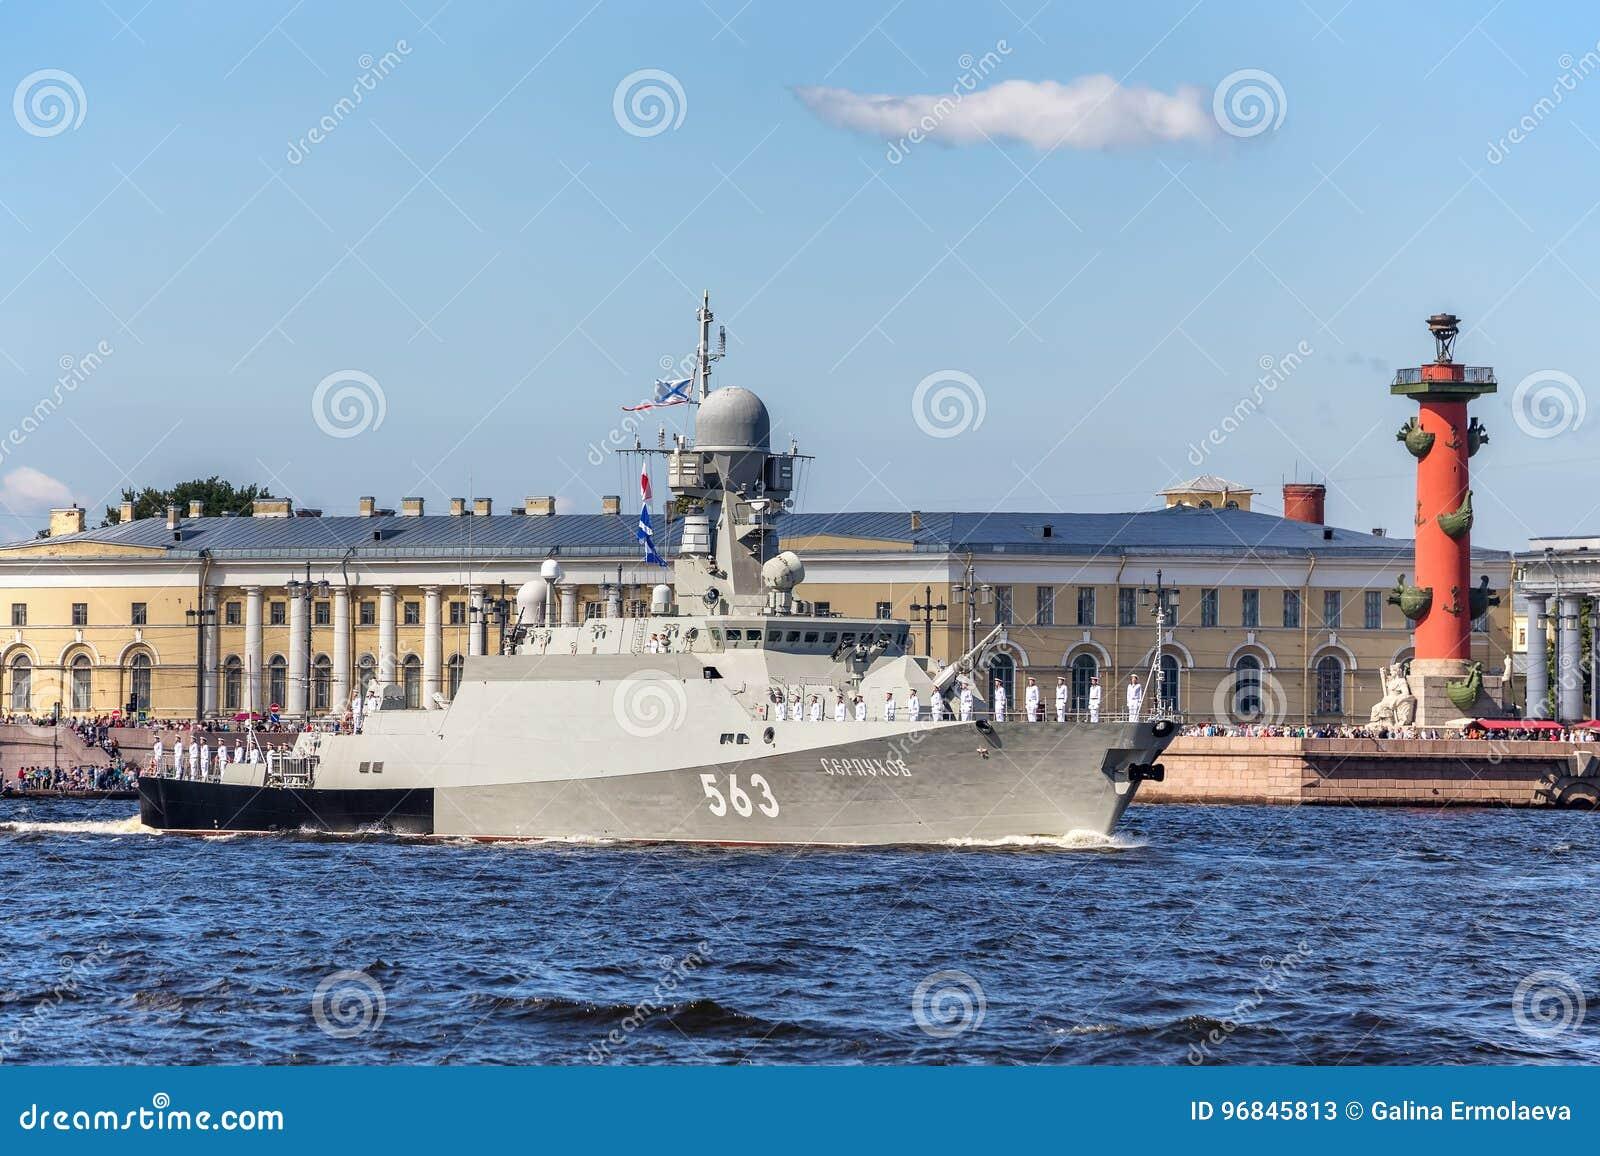 Klein raketschip Serpukhov bij de repetitie van de zeeparade op de dag van de Russische Vloot in St. Petersburg